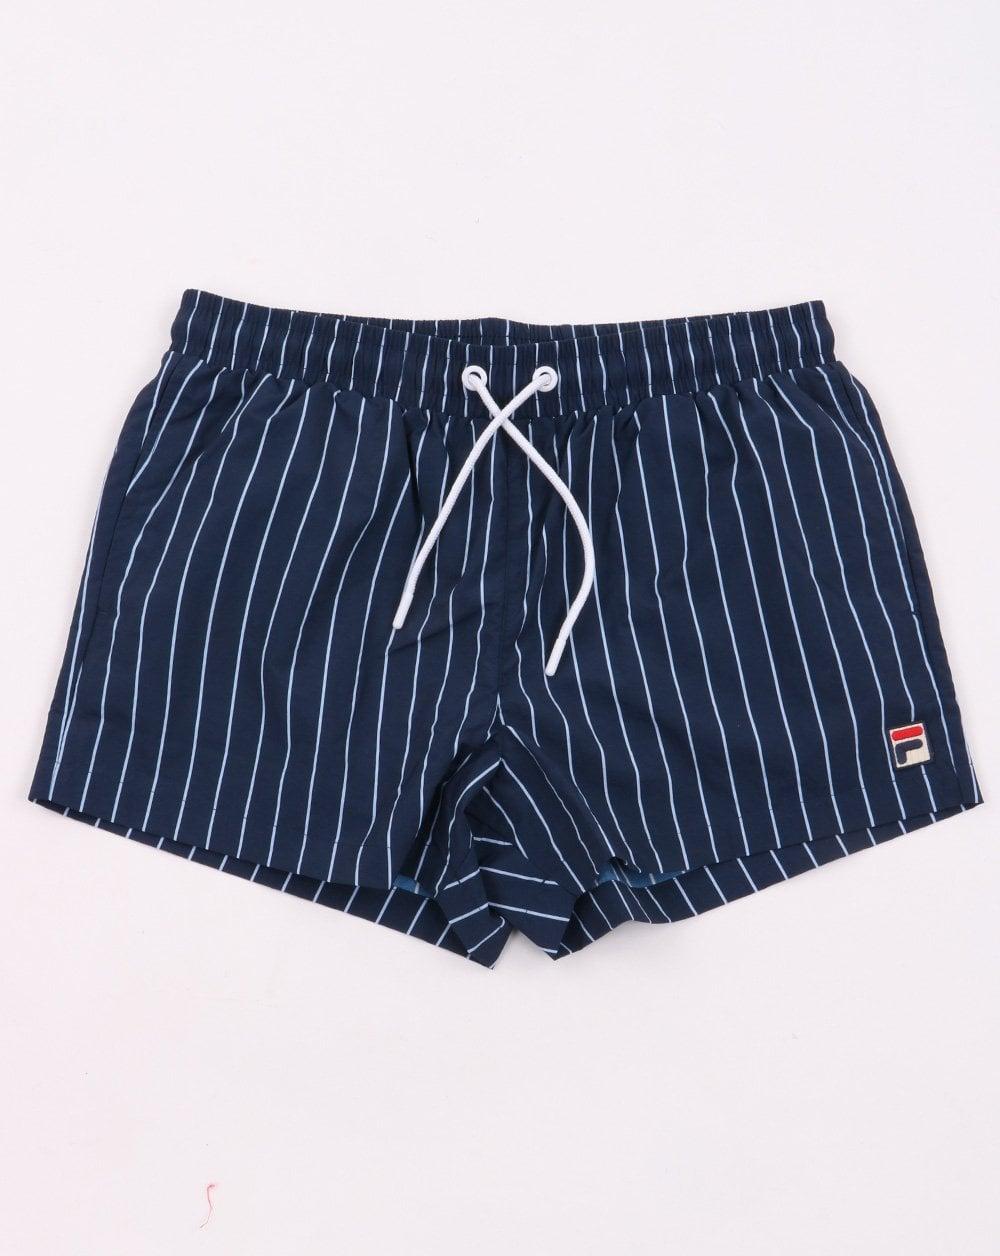 Fila Vintage Pinstripe Swim Shorts Navy